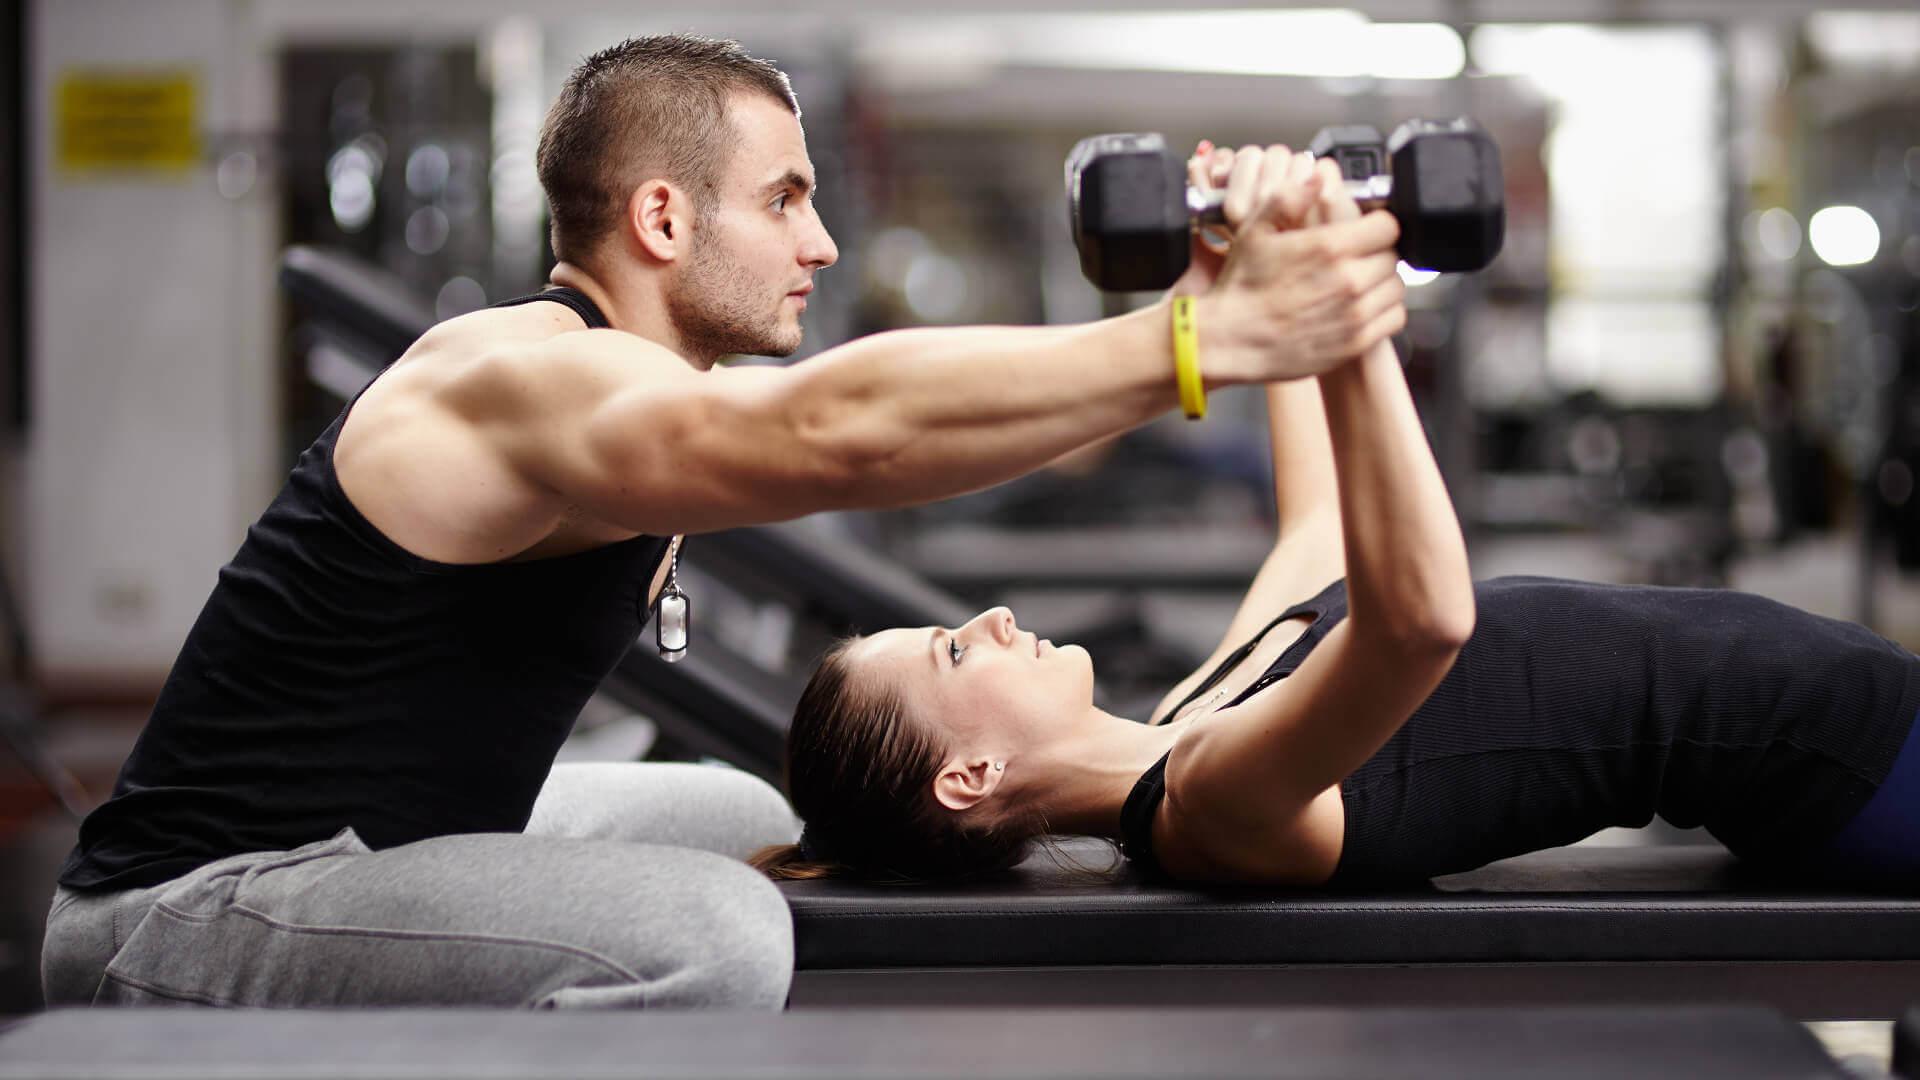 755d64871 Jak zacząć ćwiczyć   Dlaczego warto ćwiczyć   Rodzaje treningów